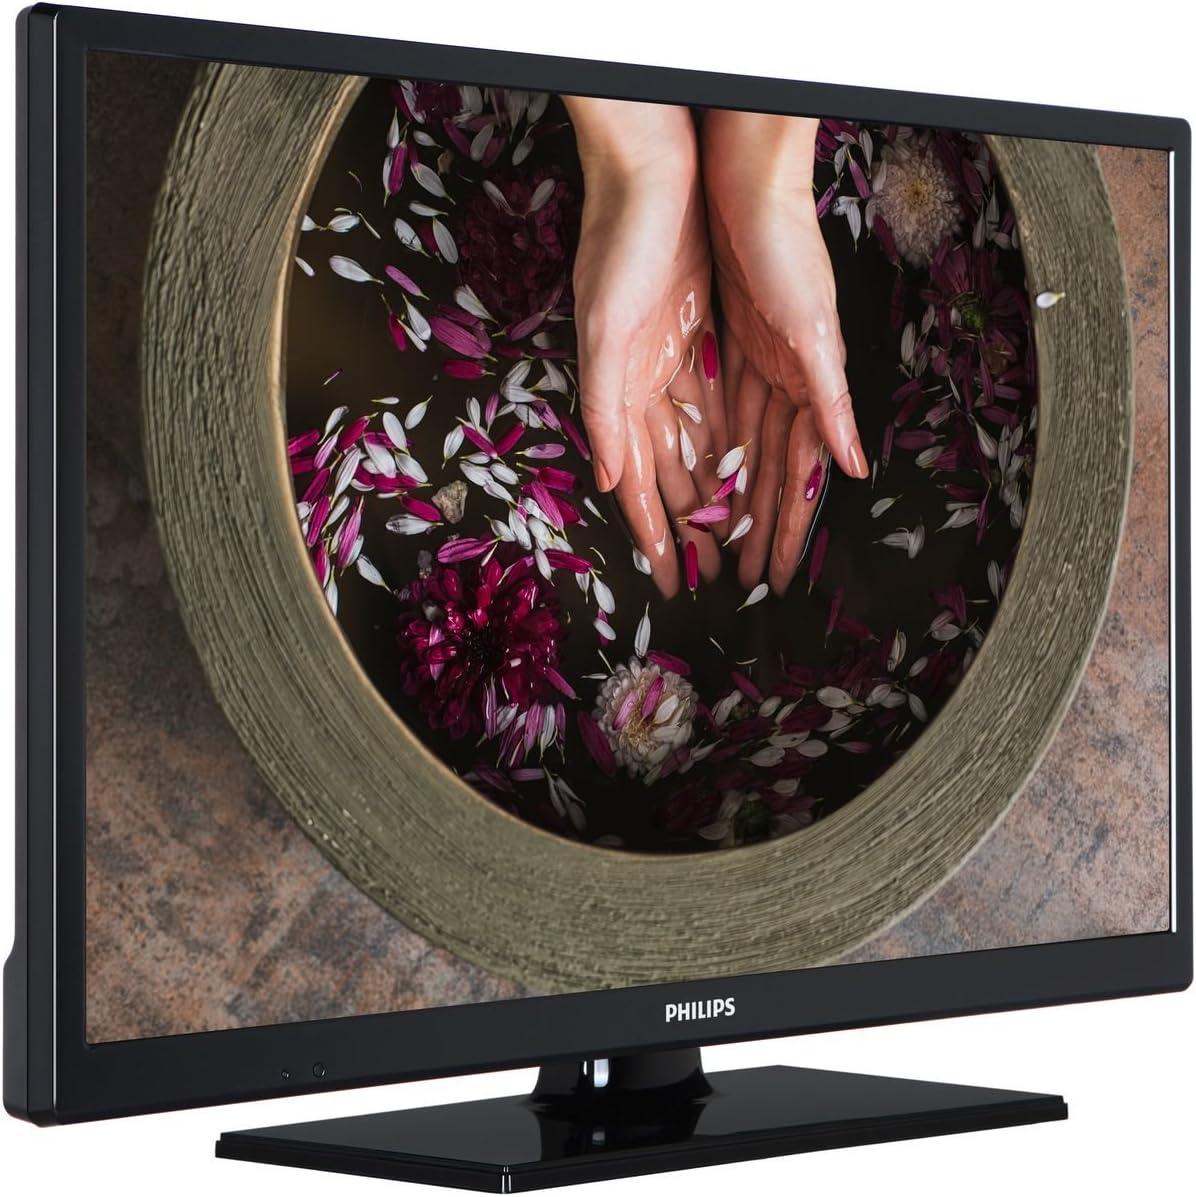 24 TV HOTEL GAMA MEDIA SUITE: Philips: Amazon.es: Electrónica